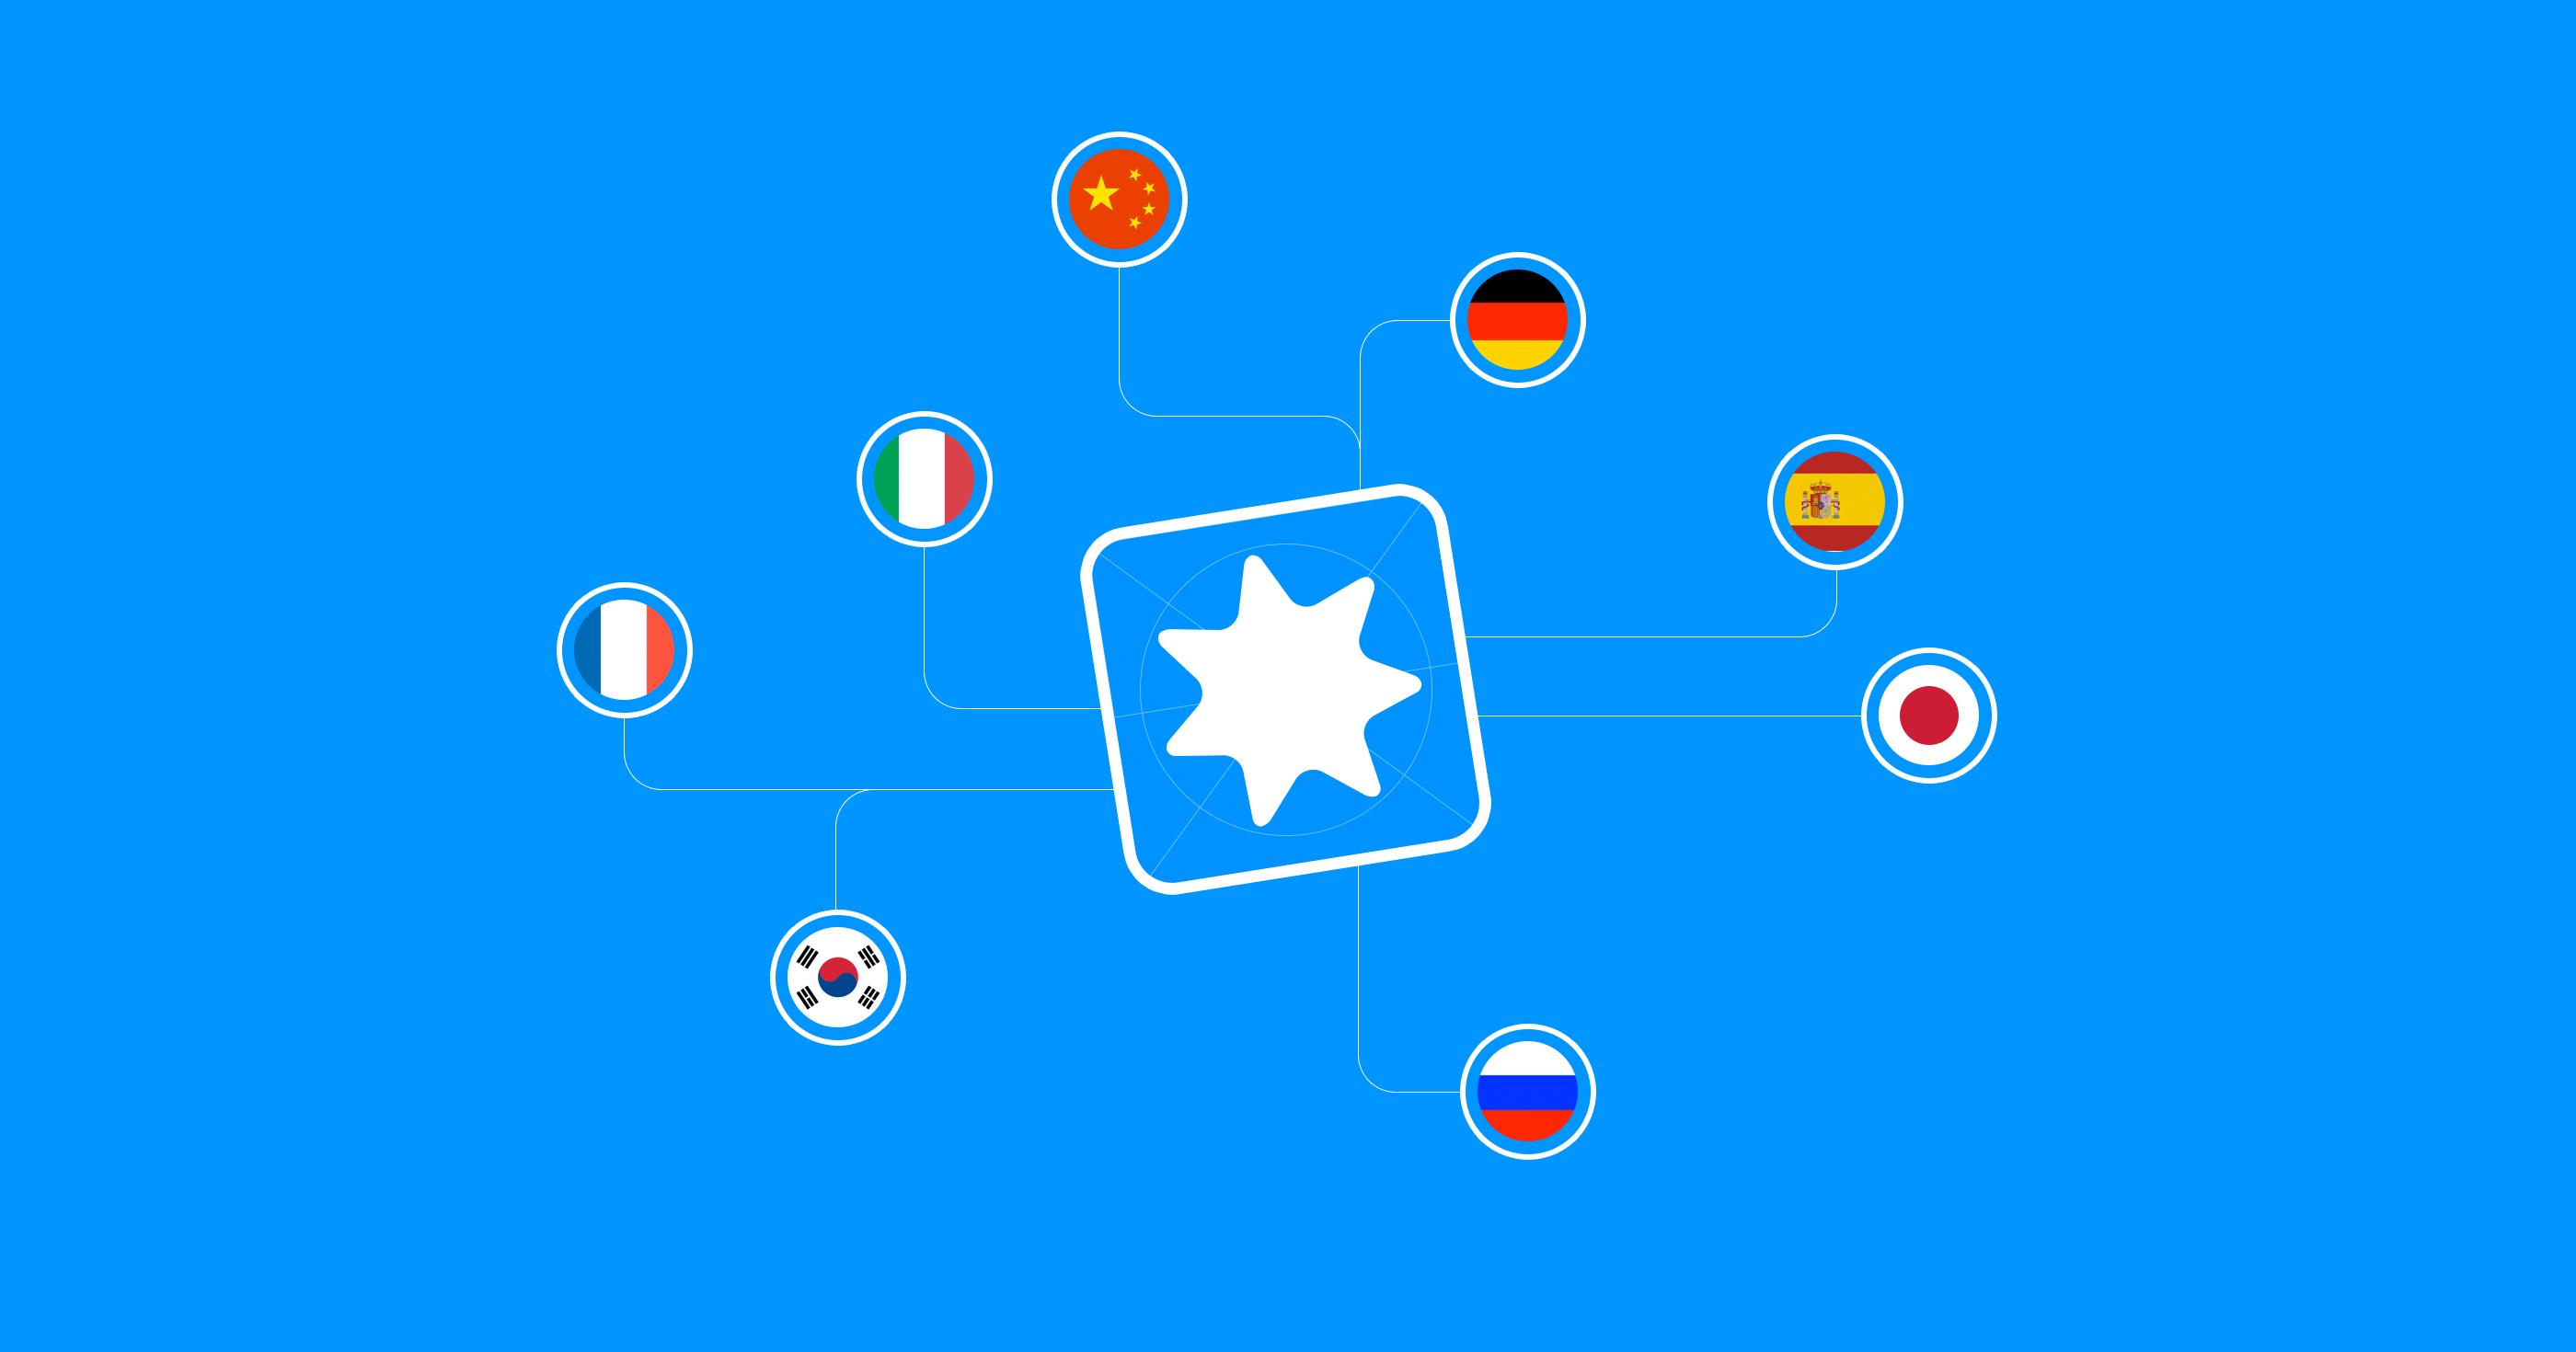 App languages